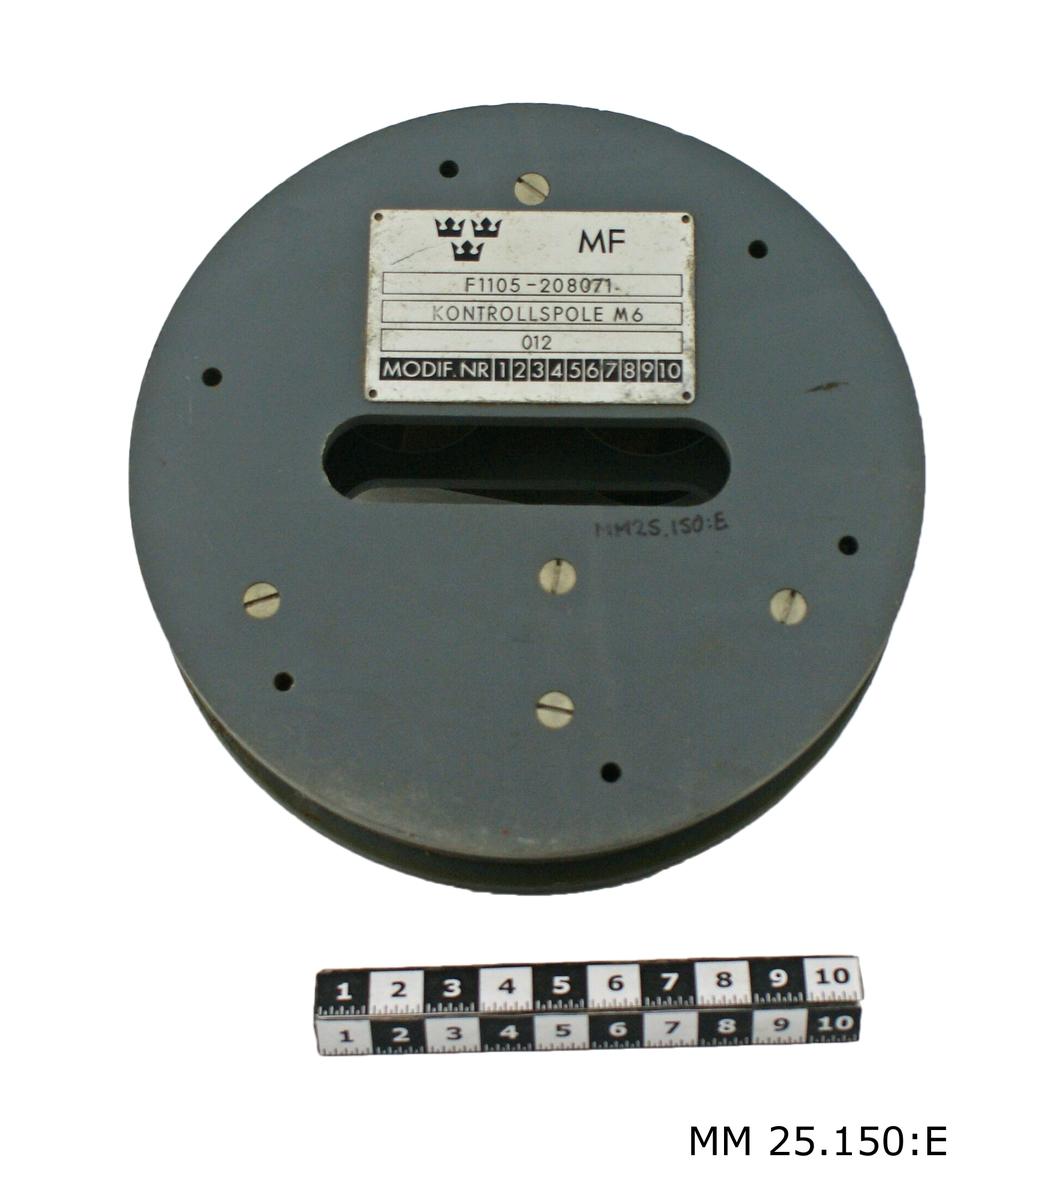 """Två runda sammanfogade baukelitdelar mellan vilka en spole ligger lindad pbakom skyddstejp. På ovansidan en vridbar styrklack. På undersidan en skylt i metall med tre kronor-stämpel och text: """"MF F1105-208071 KONTROLLSPOLE M6 012 MODIF.NR 12345678910""""."""